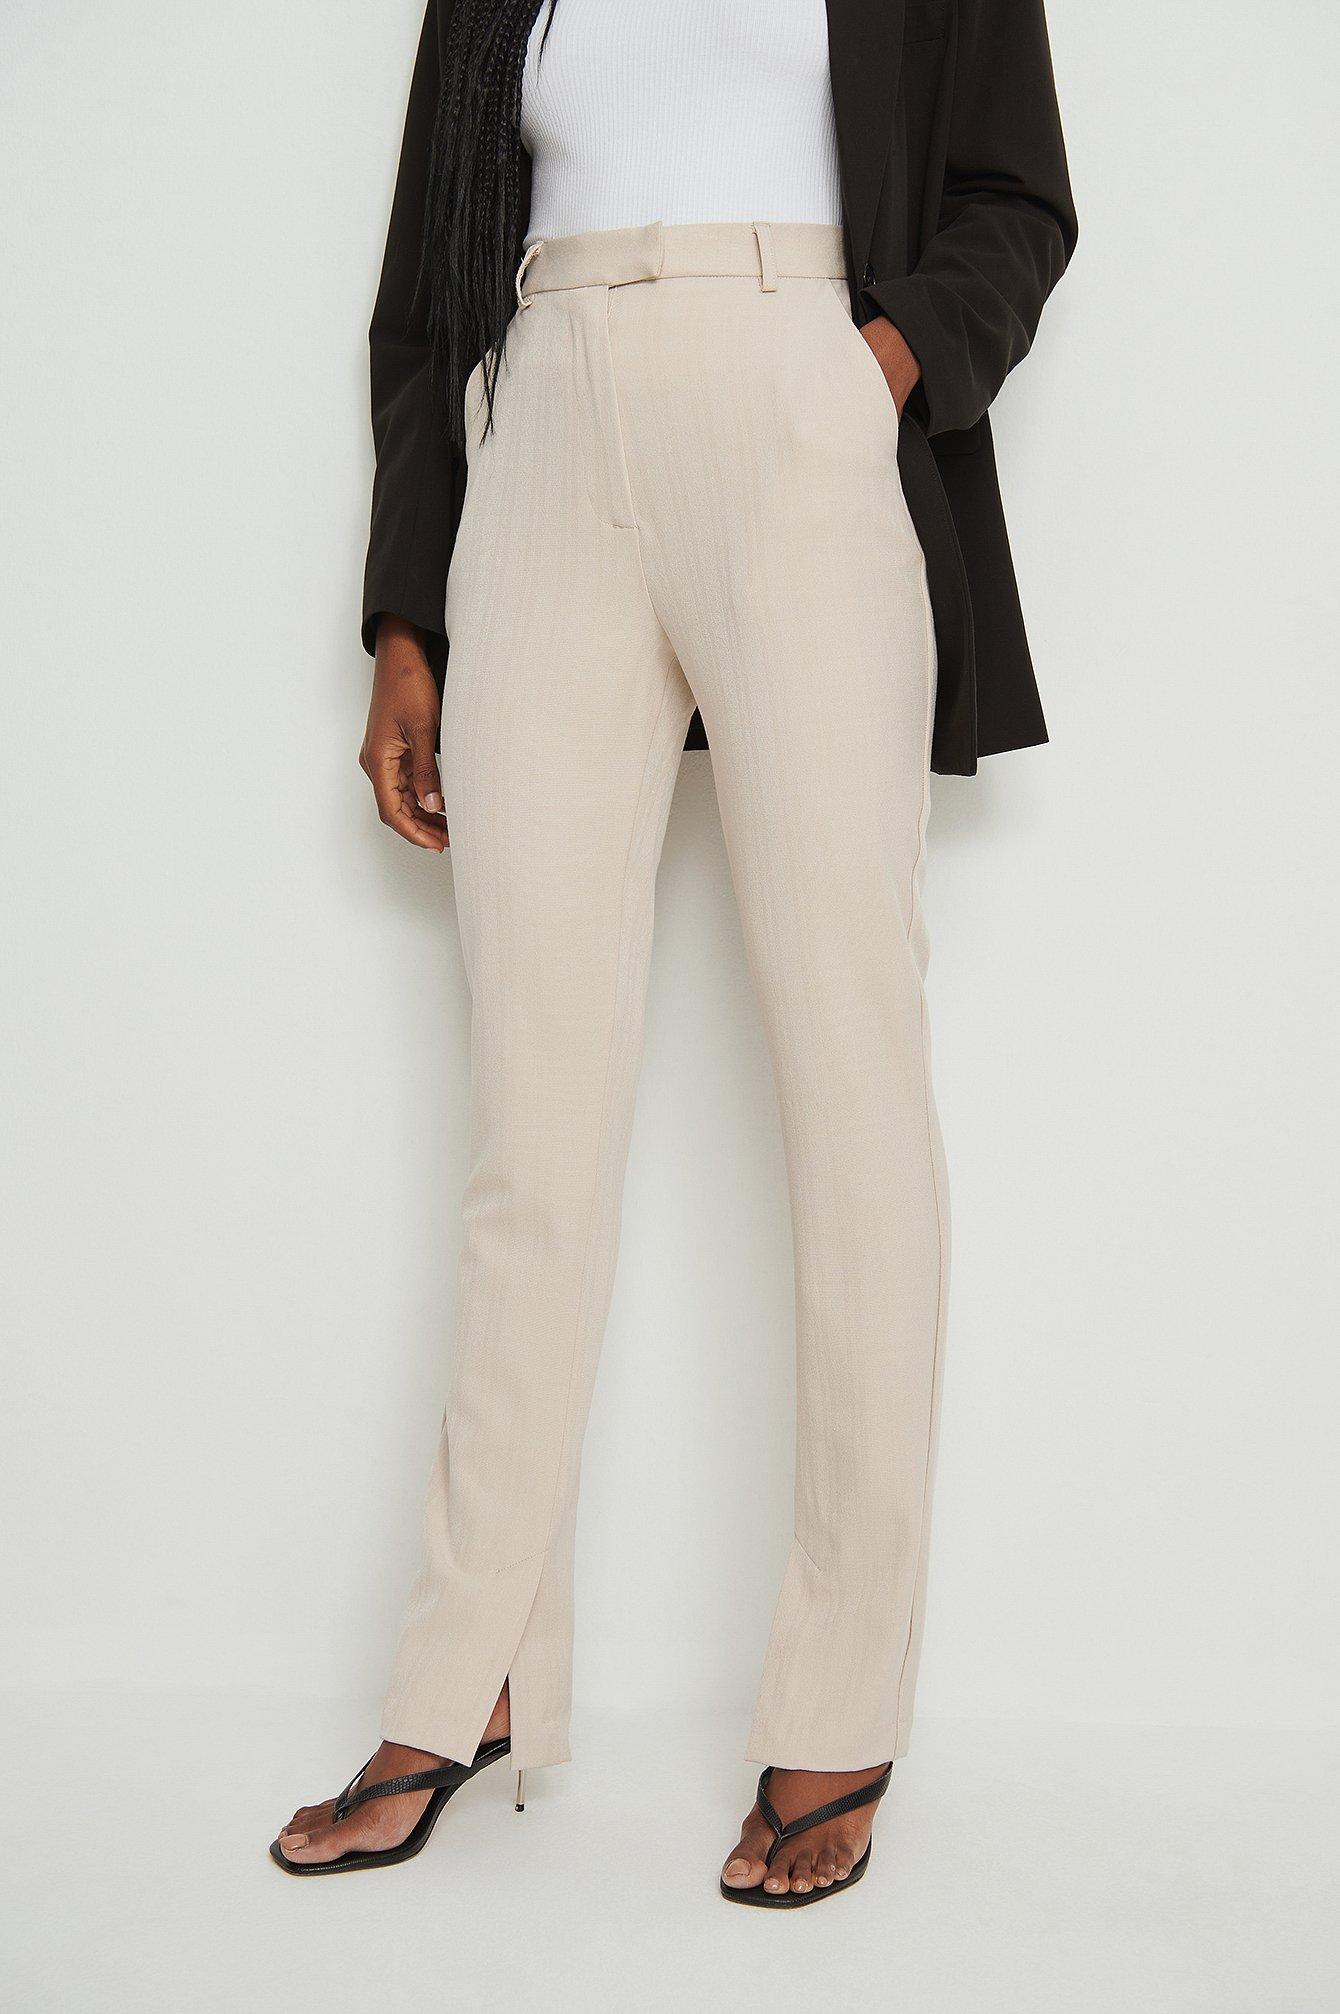 na-kd classic -  Recycelt Zugeschnittene Anzughose Mit Seitenschlitz - Beige